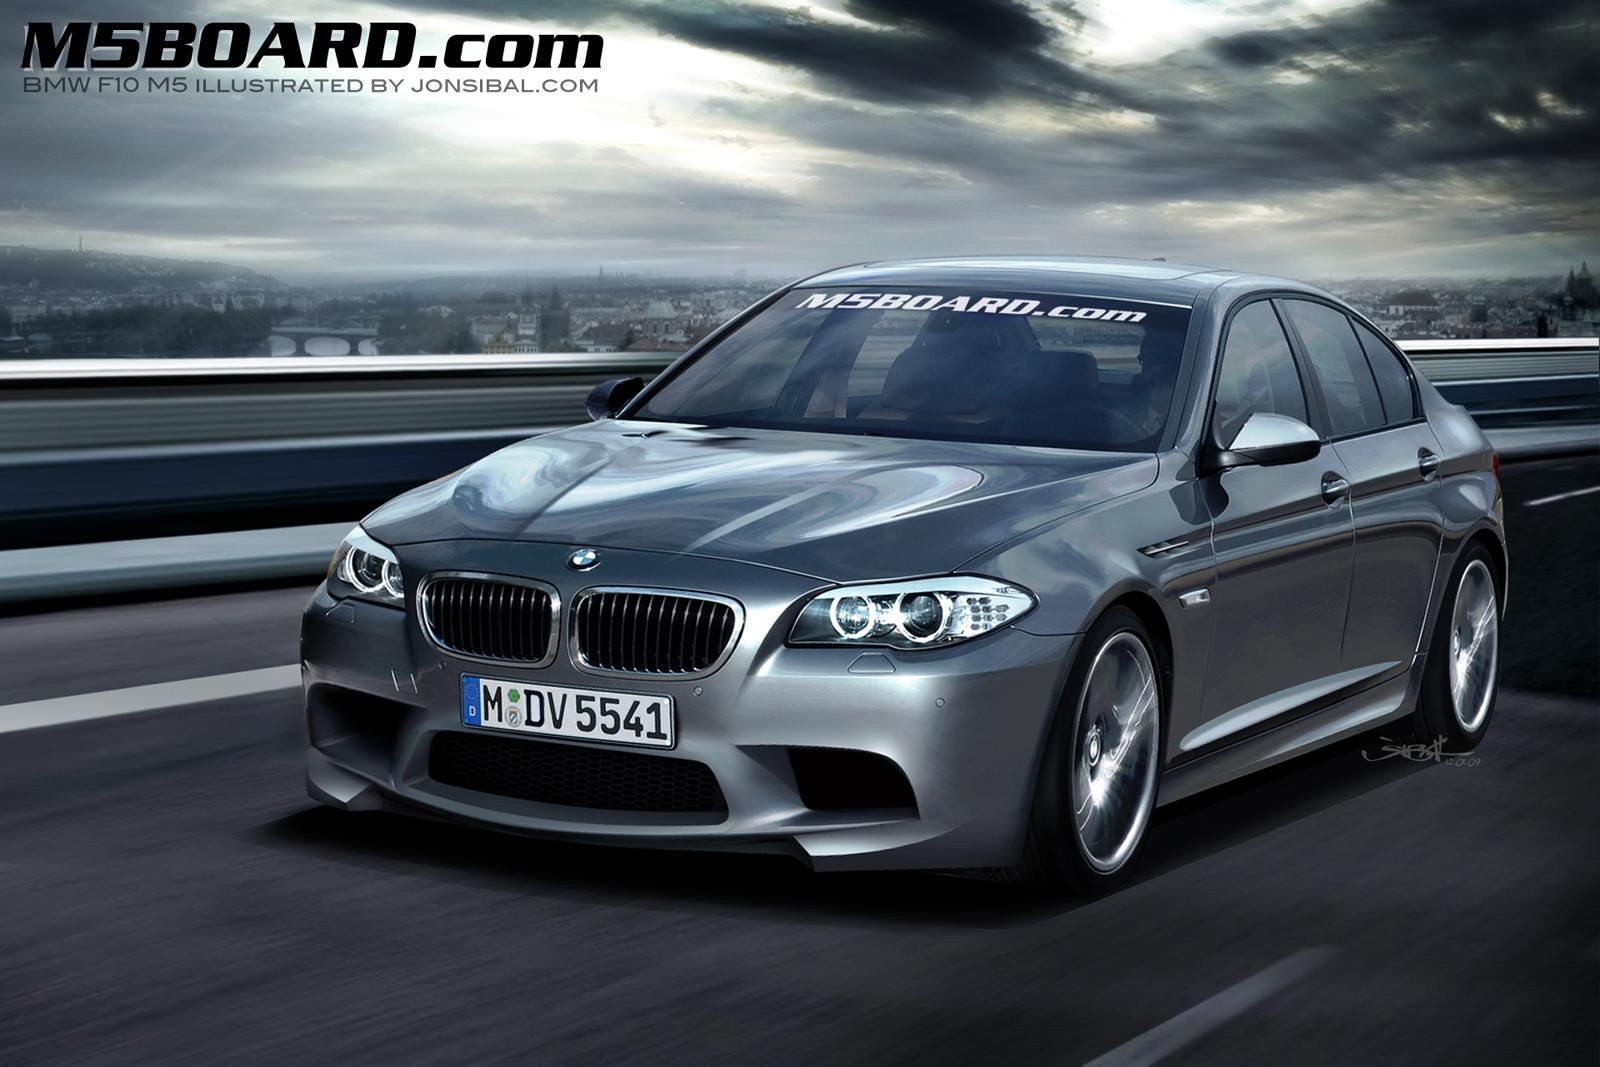 BMW M5 F10 Render M5BOARD.com-m5boardbmwf10m5.jpg